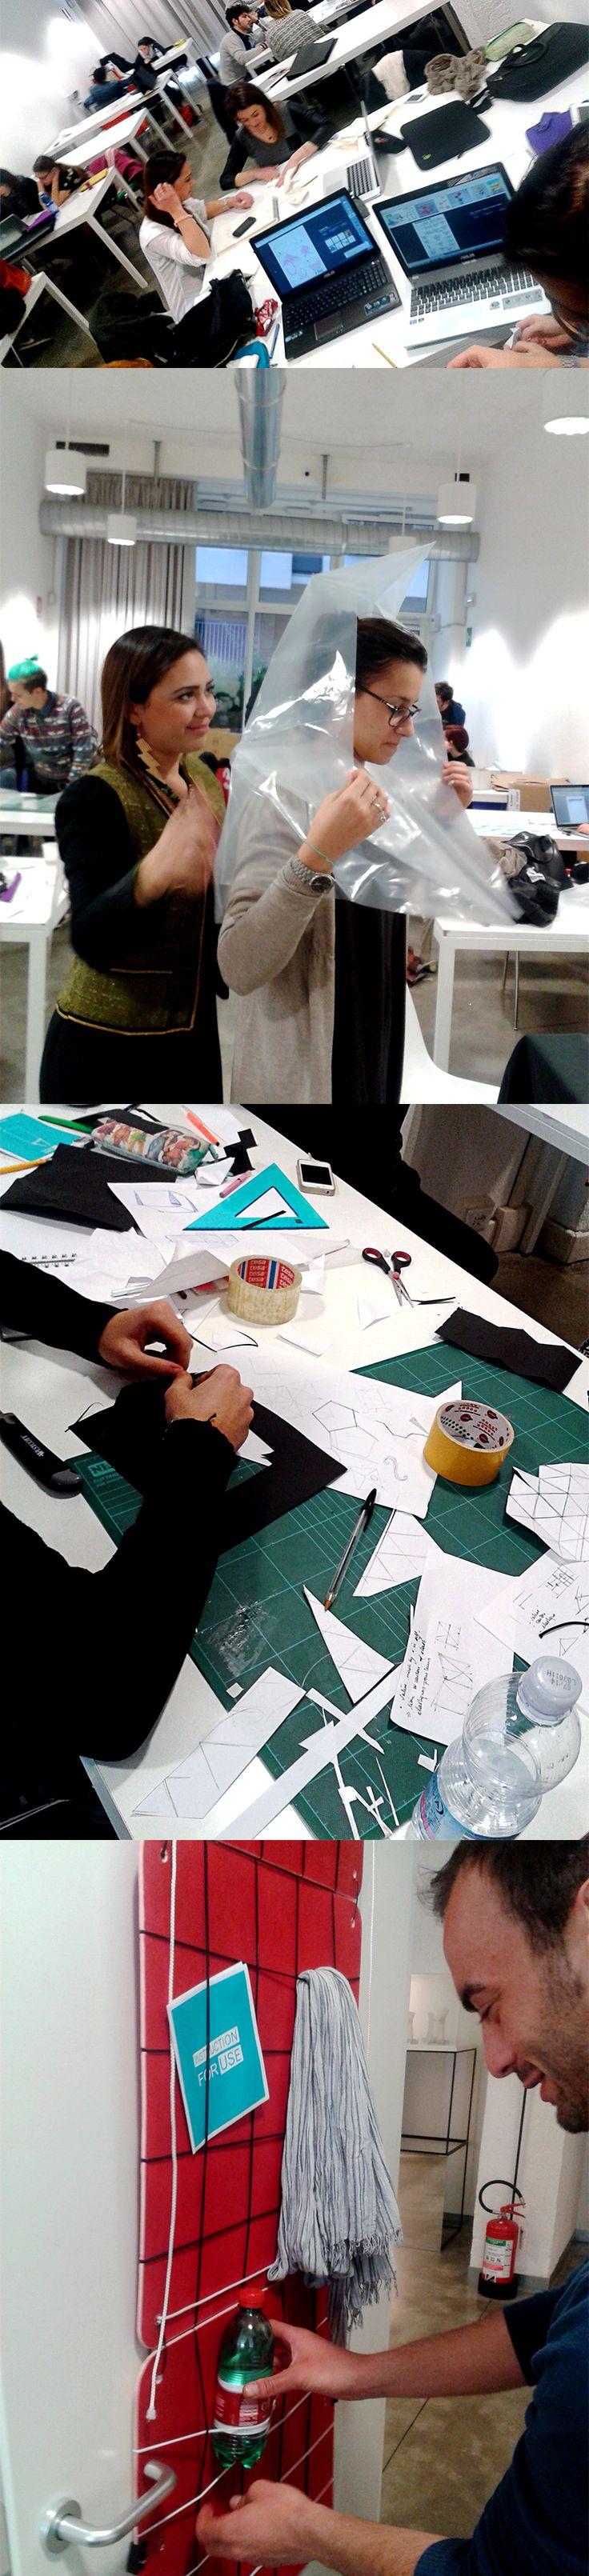 Collaborazione tra IFU e l'Istituto Europeo del Design.  #ied #workshop #design